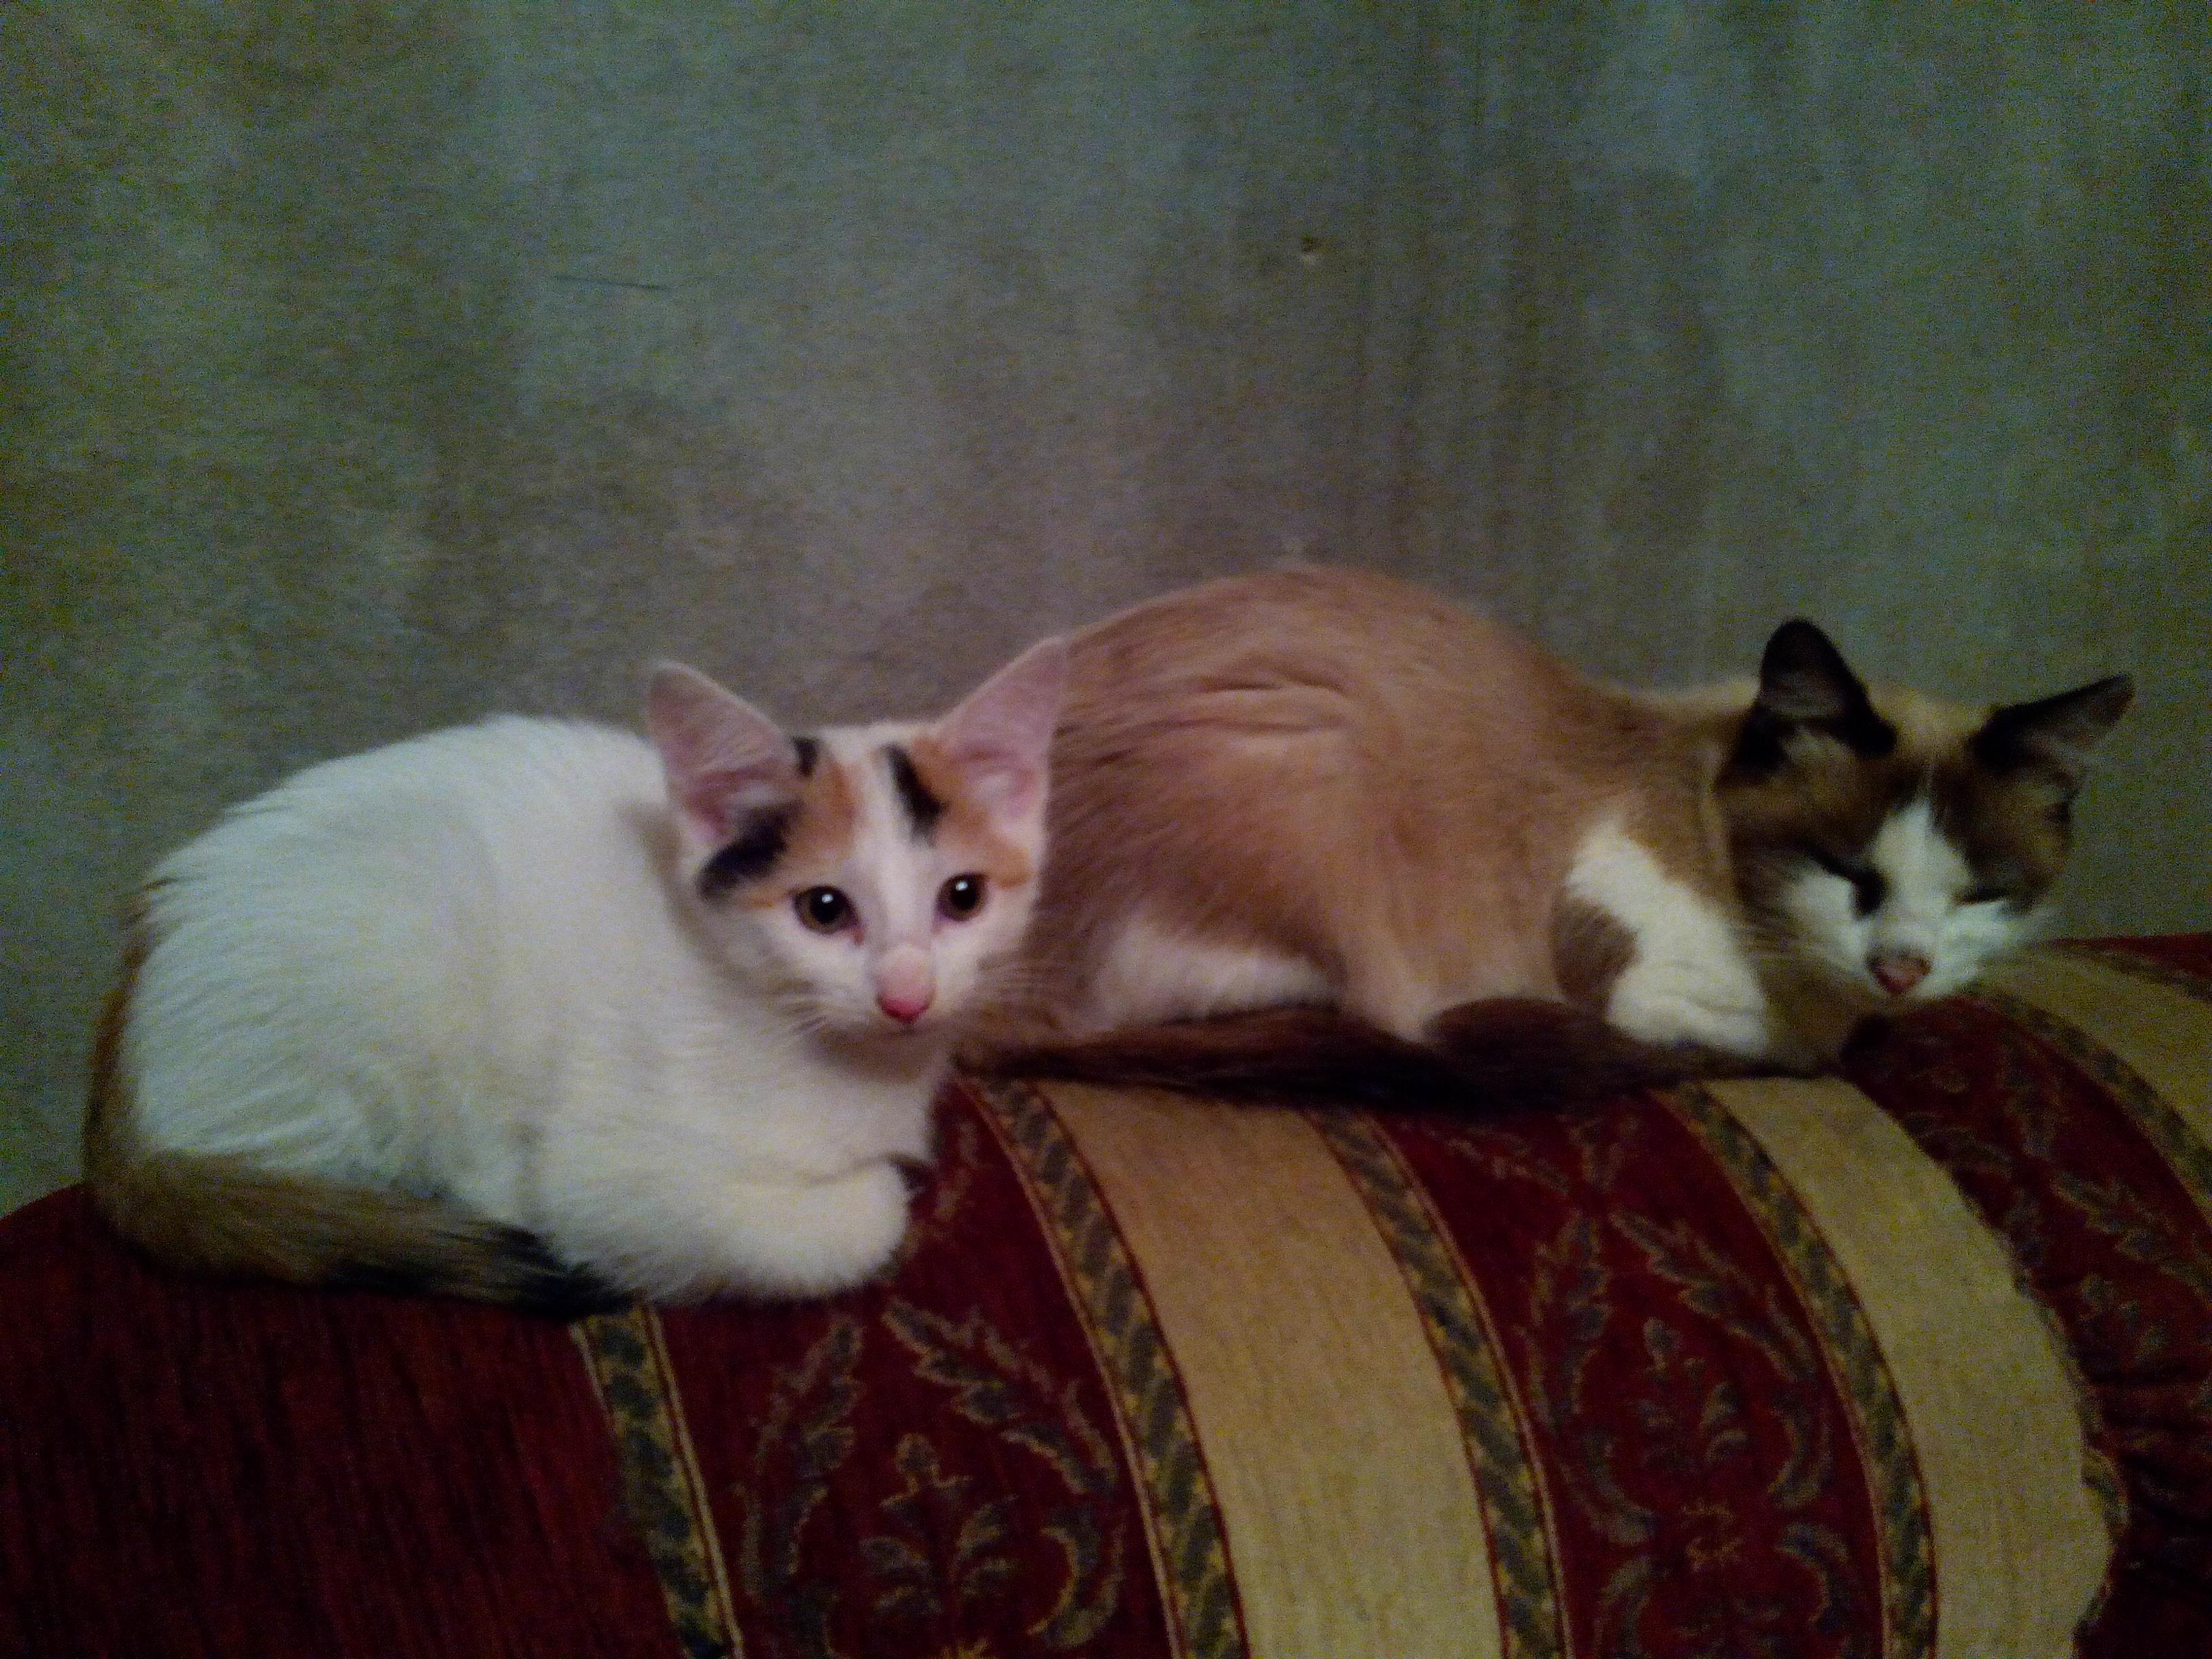 Домашние любимцы Кошки и Собаки - Страница 18 0725008001478516413